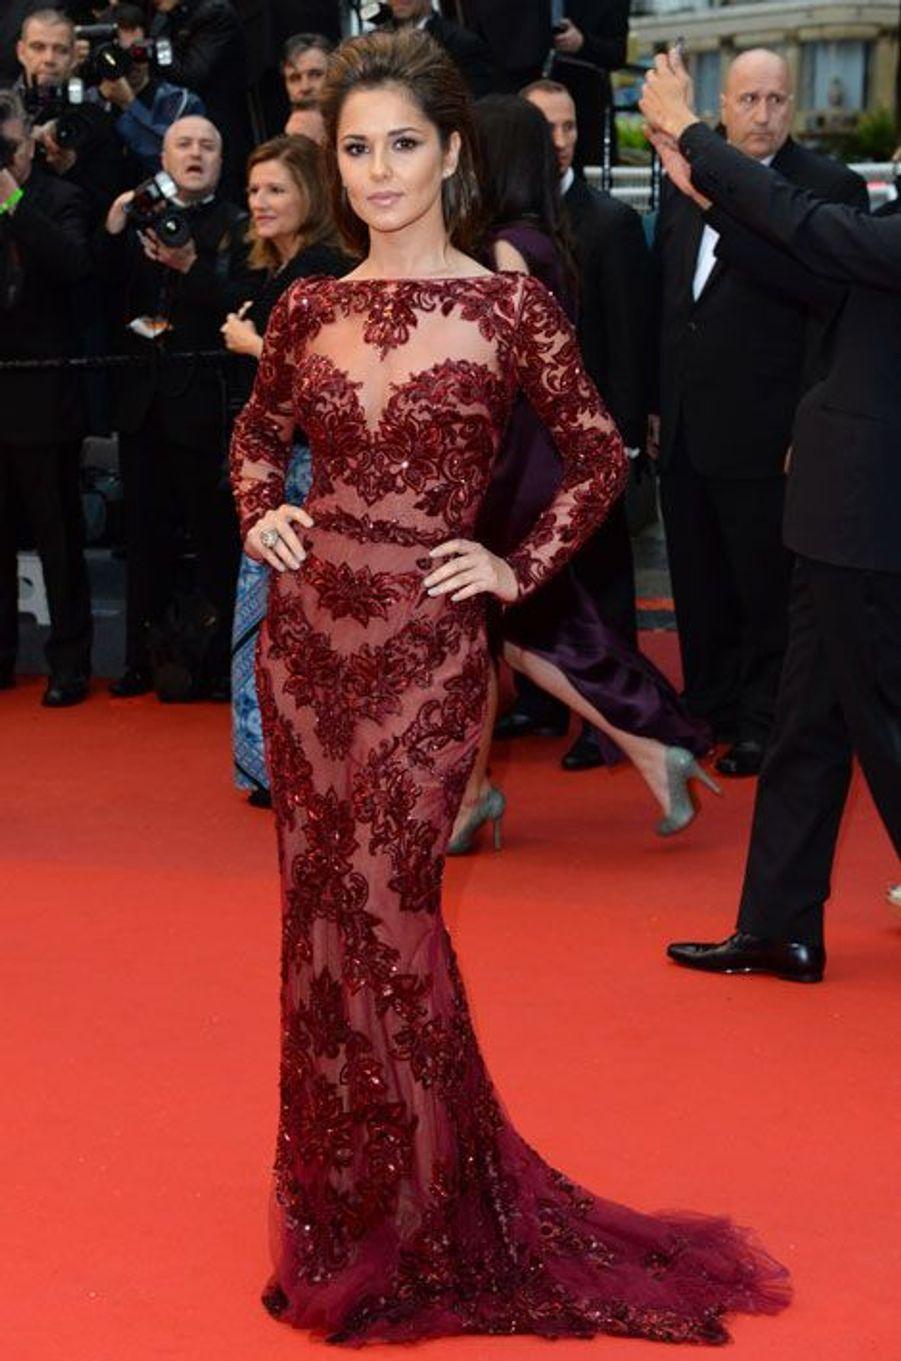 Cheryl Cole (2013)